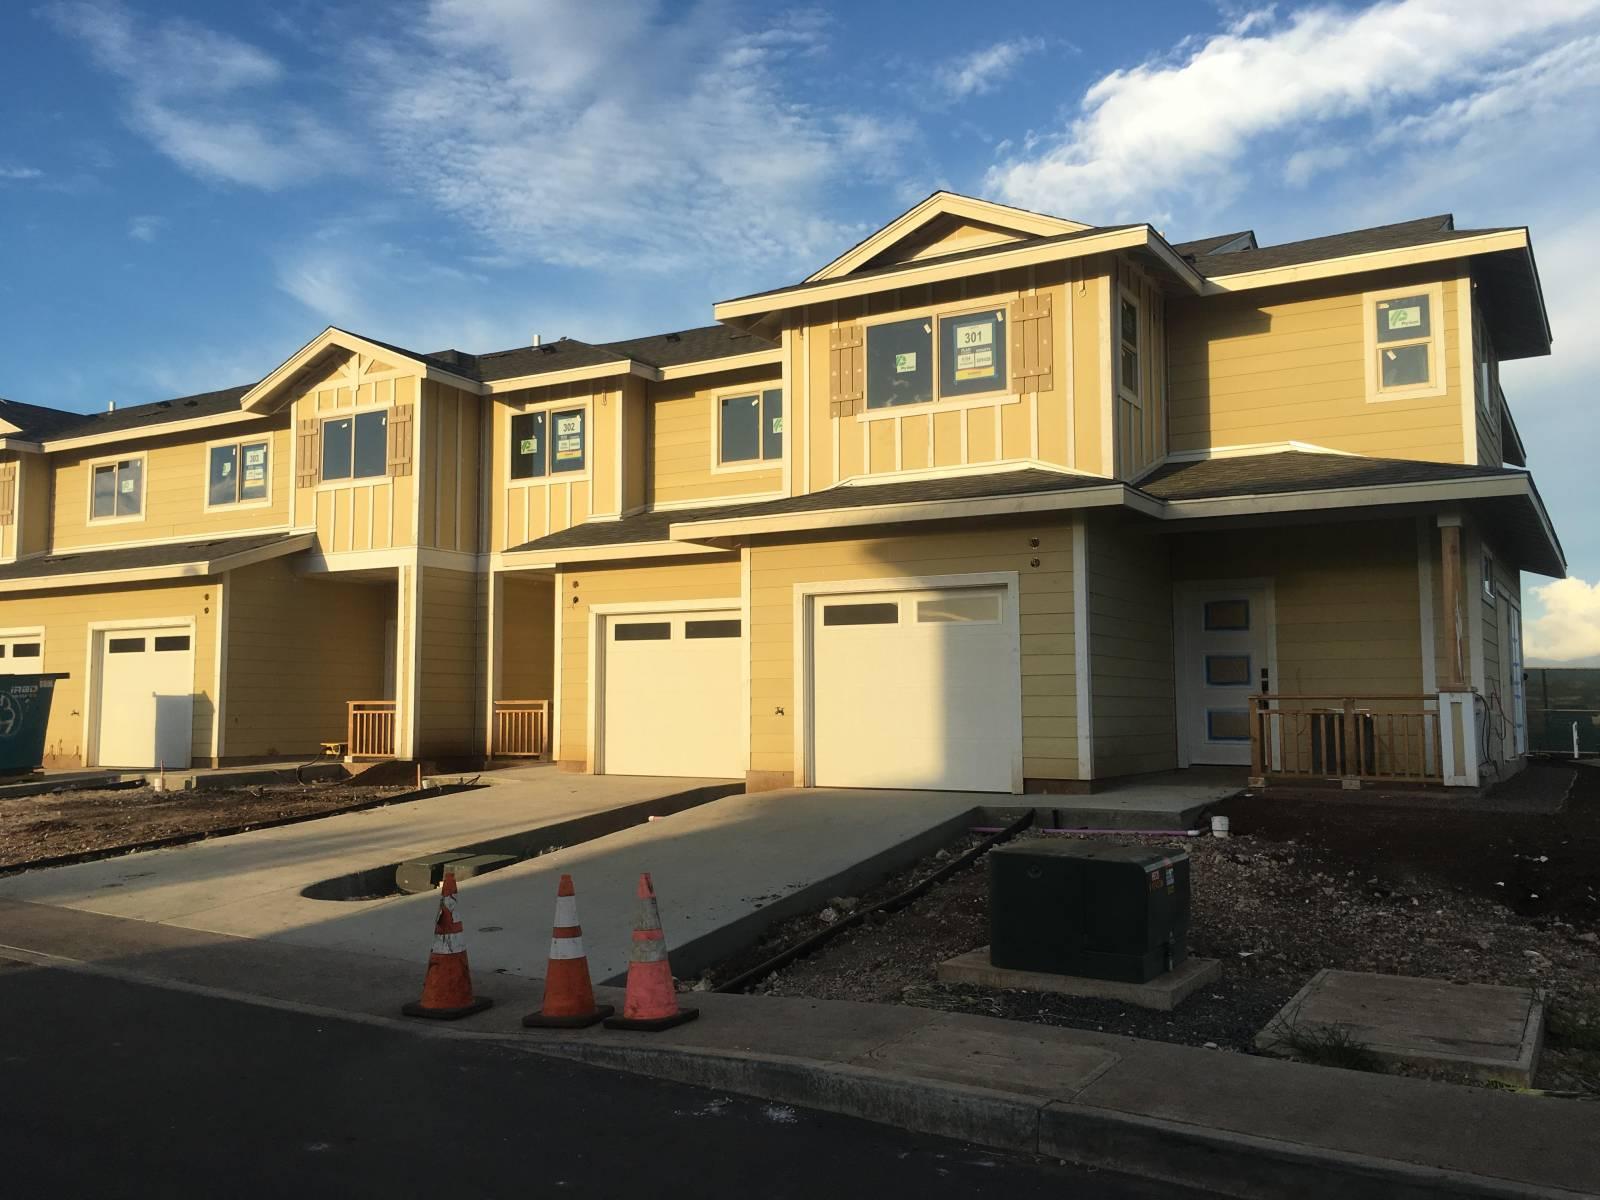 Akoko At Ho Opili Close Out Two Units Remaining Hawaii Real Estate Market Trends Hawaii Life